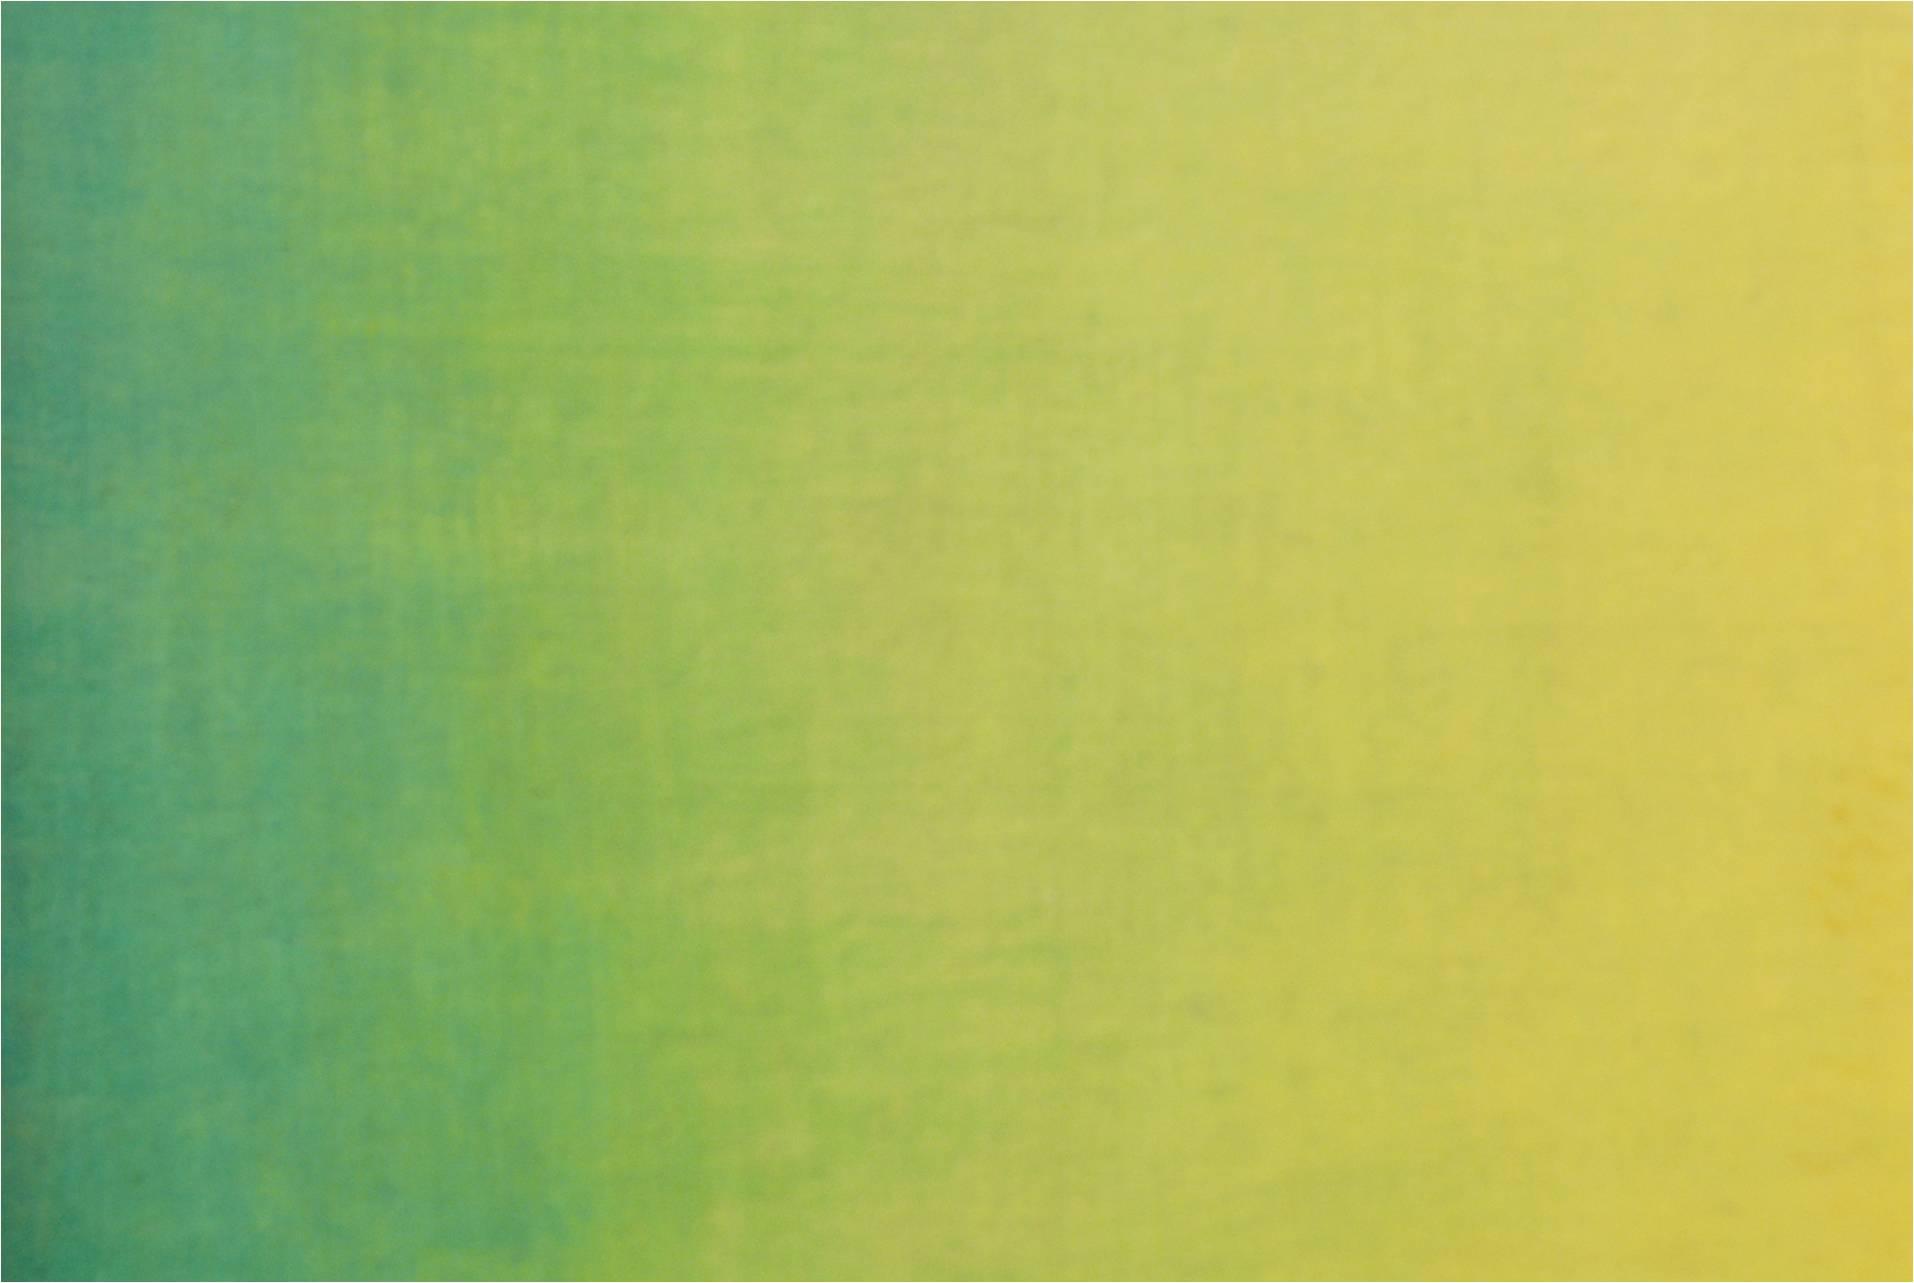 Das Gesicht von Jesus - umgeben von der Sonne - bildet die Mitte des Bildes. Die Farbe der Sonne geht vom allerhellsten Weiß über ins Gelb und dann ins Grün, in die Farbe der Hoffnung.